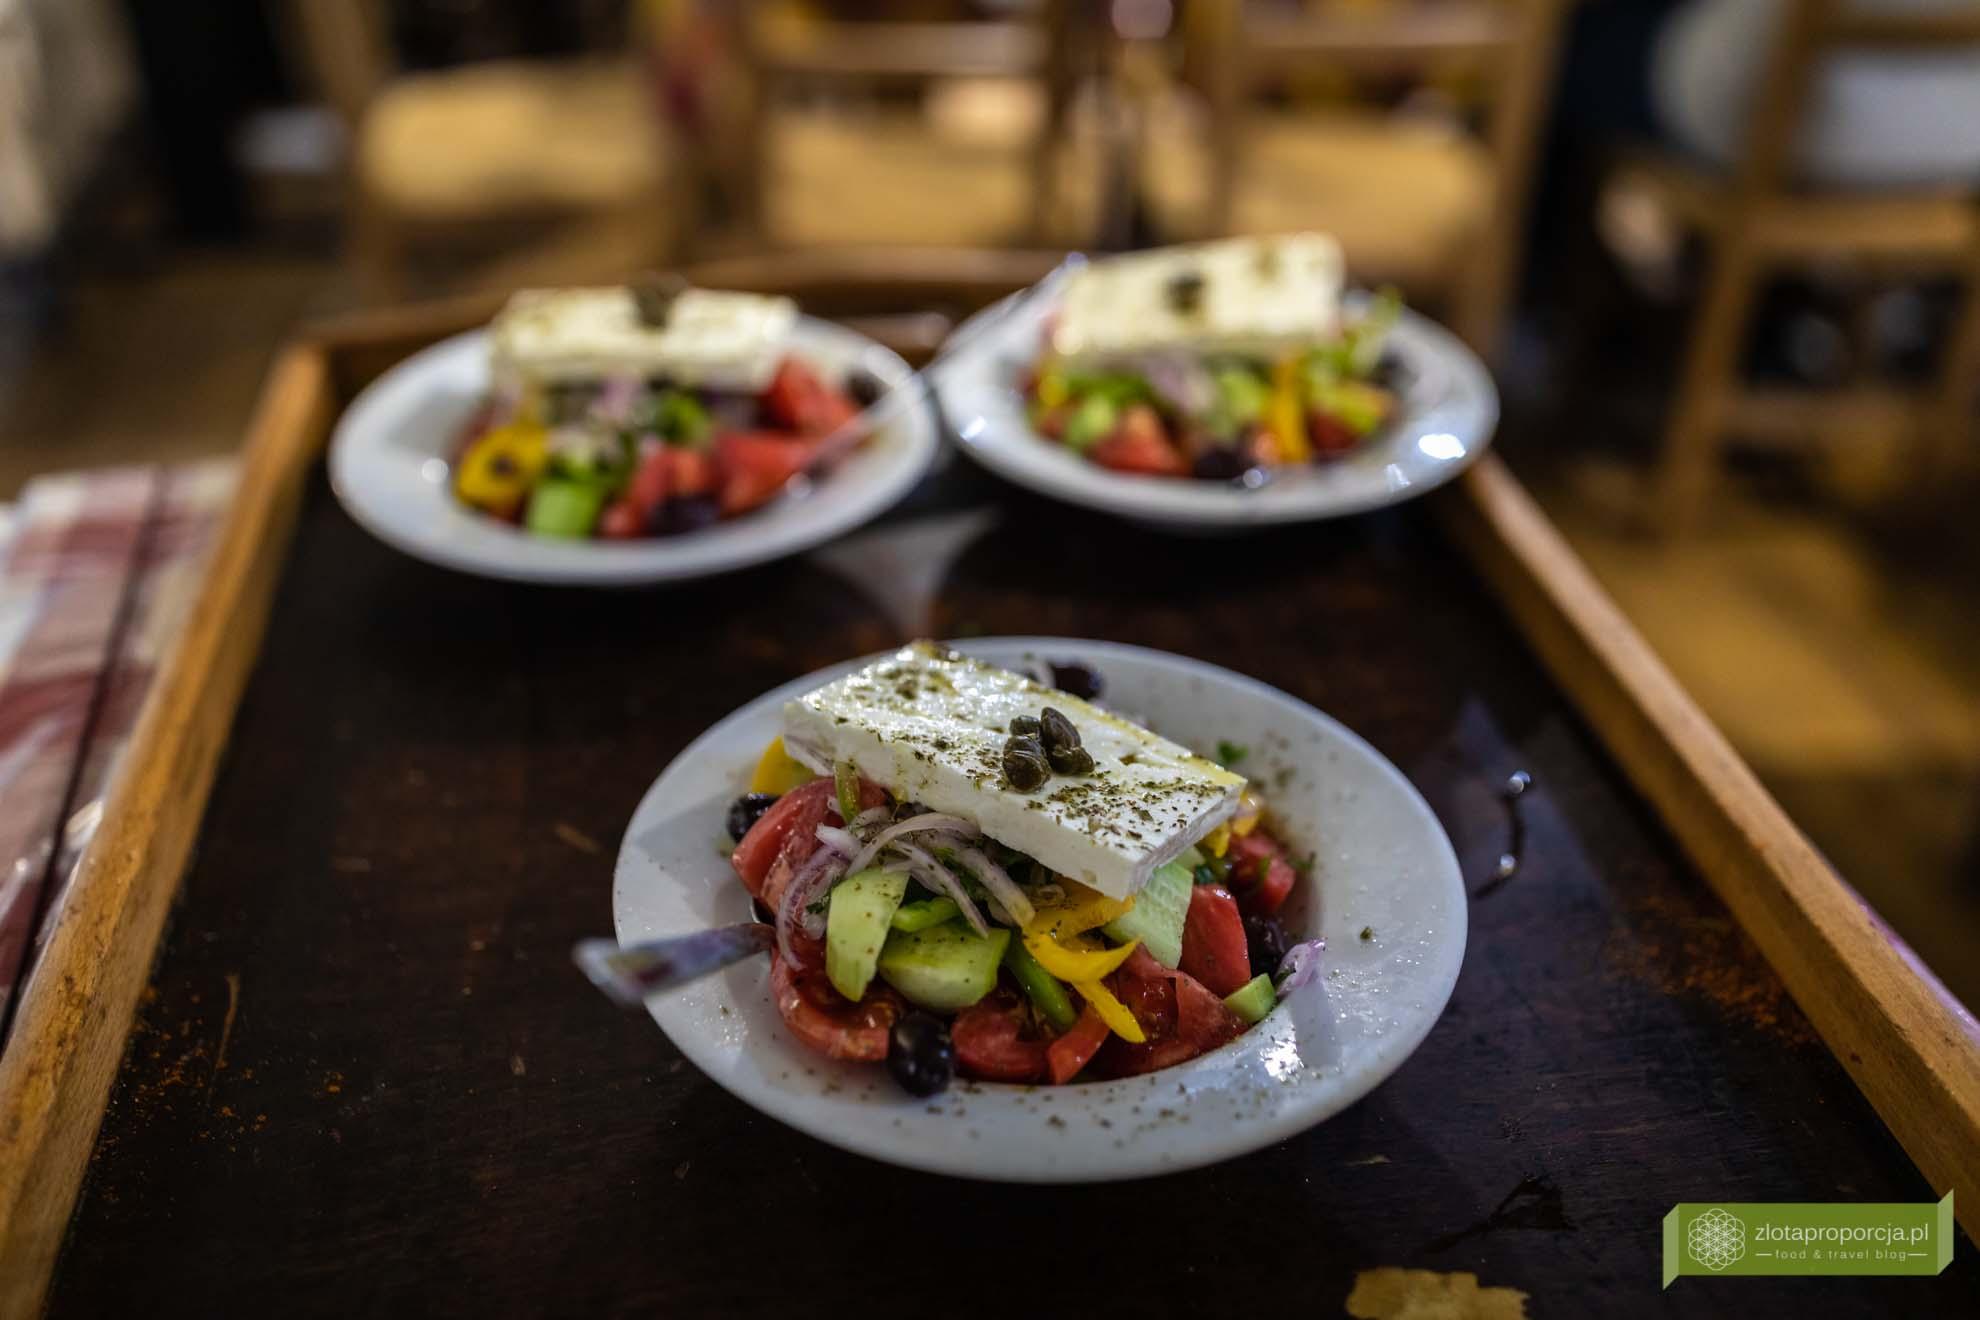 sałatka grecka; horiatiki salata; sałatka grecka z fetą; kuchnia grecka; potrawy greckie; tradycyjna sałatka grecka;